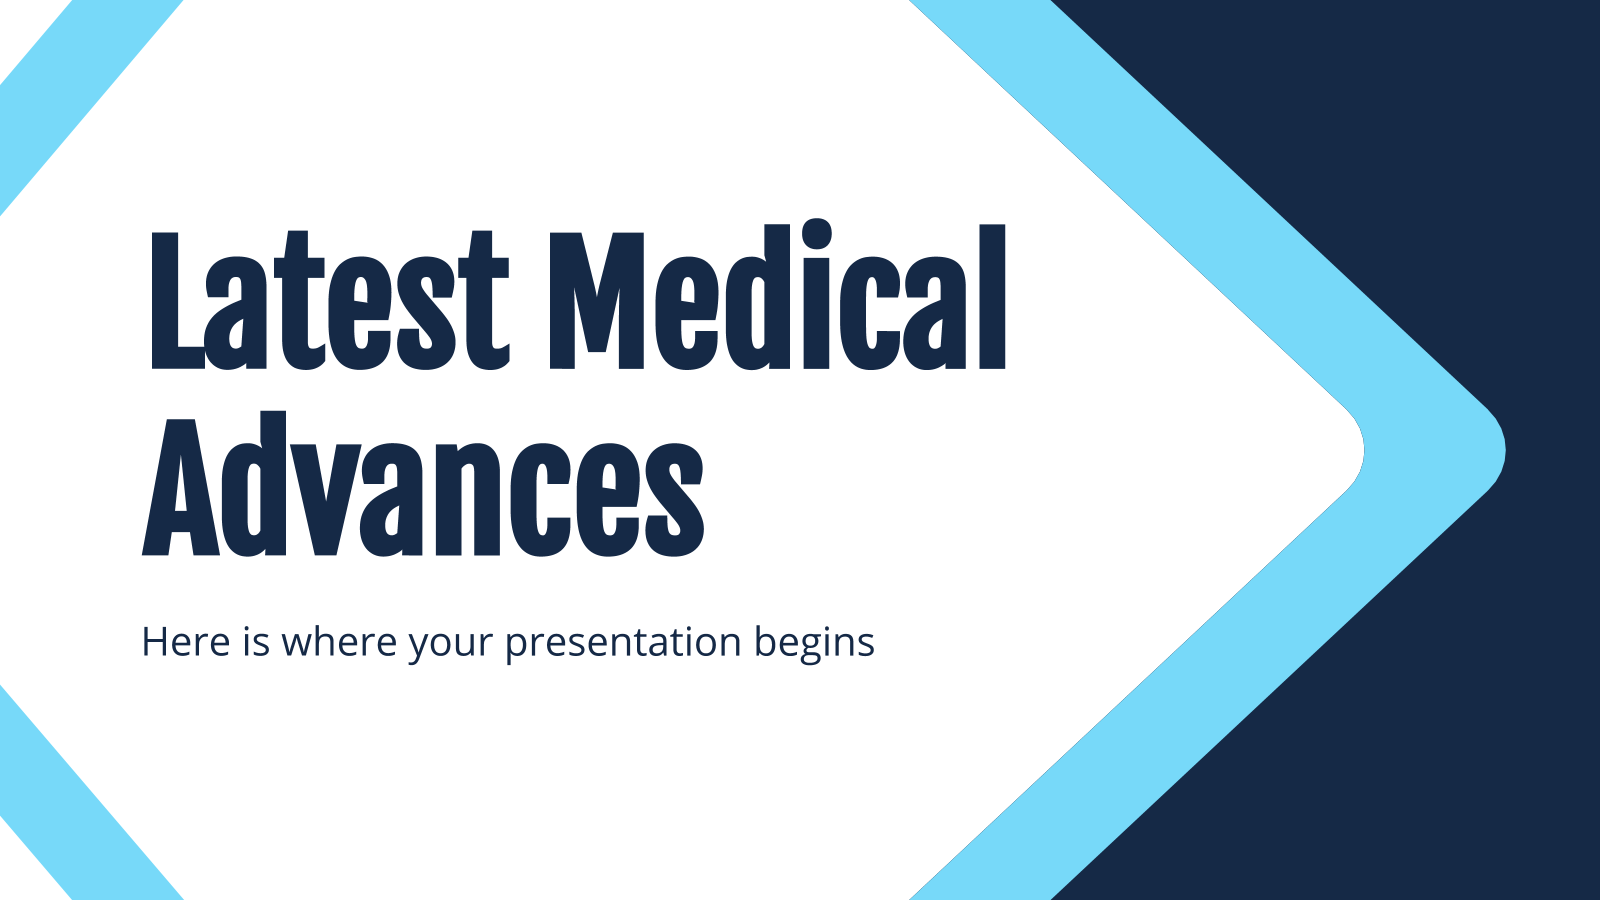 Plantilla de presentación Neueste medizinische Fortschritte